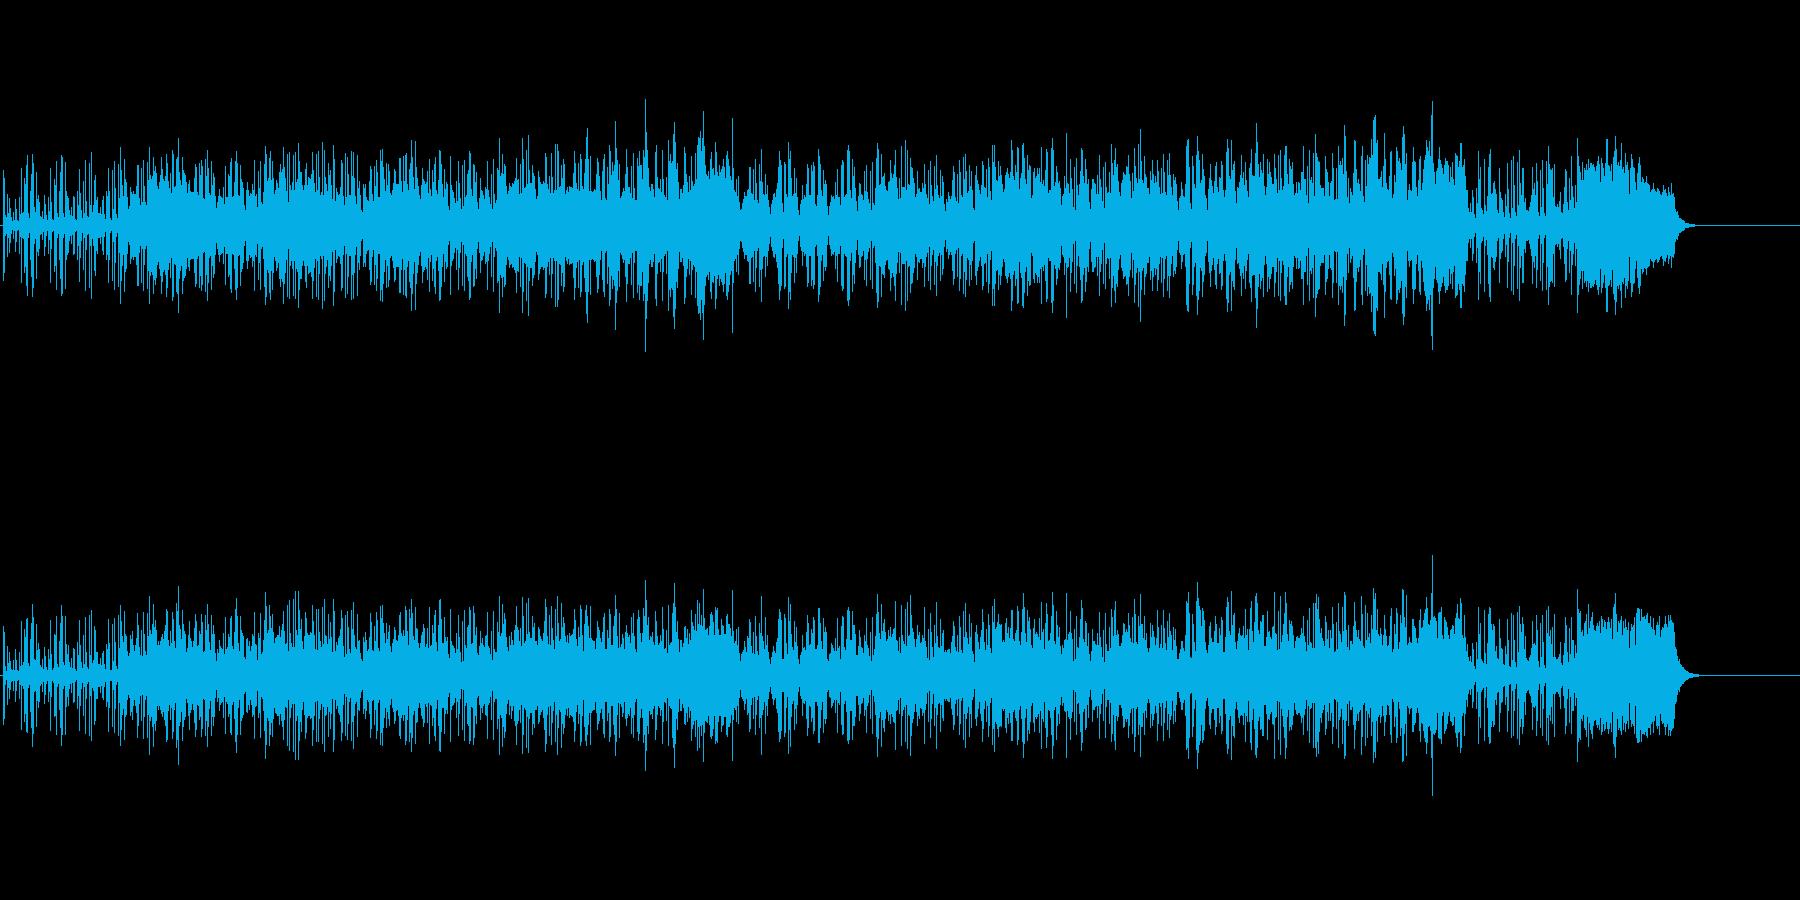 エキゾチックな無国籍風サウンドの再生済みの波形